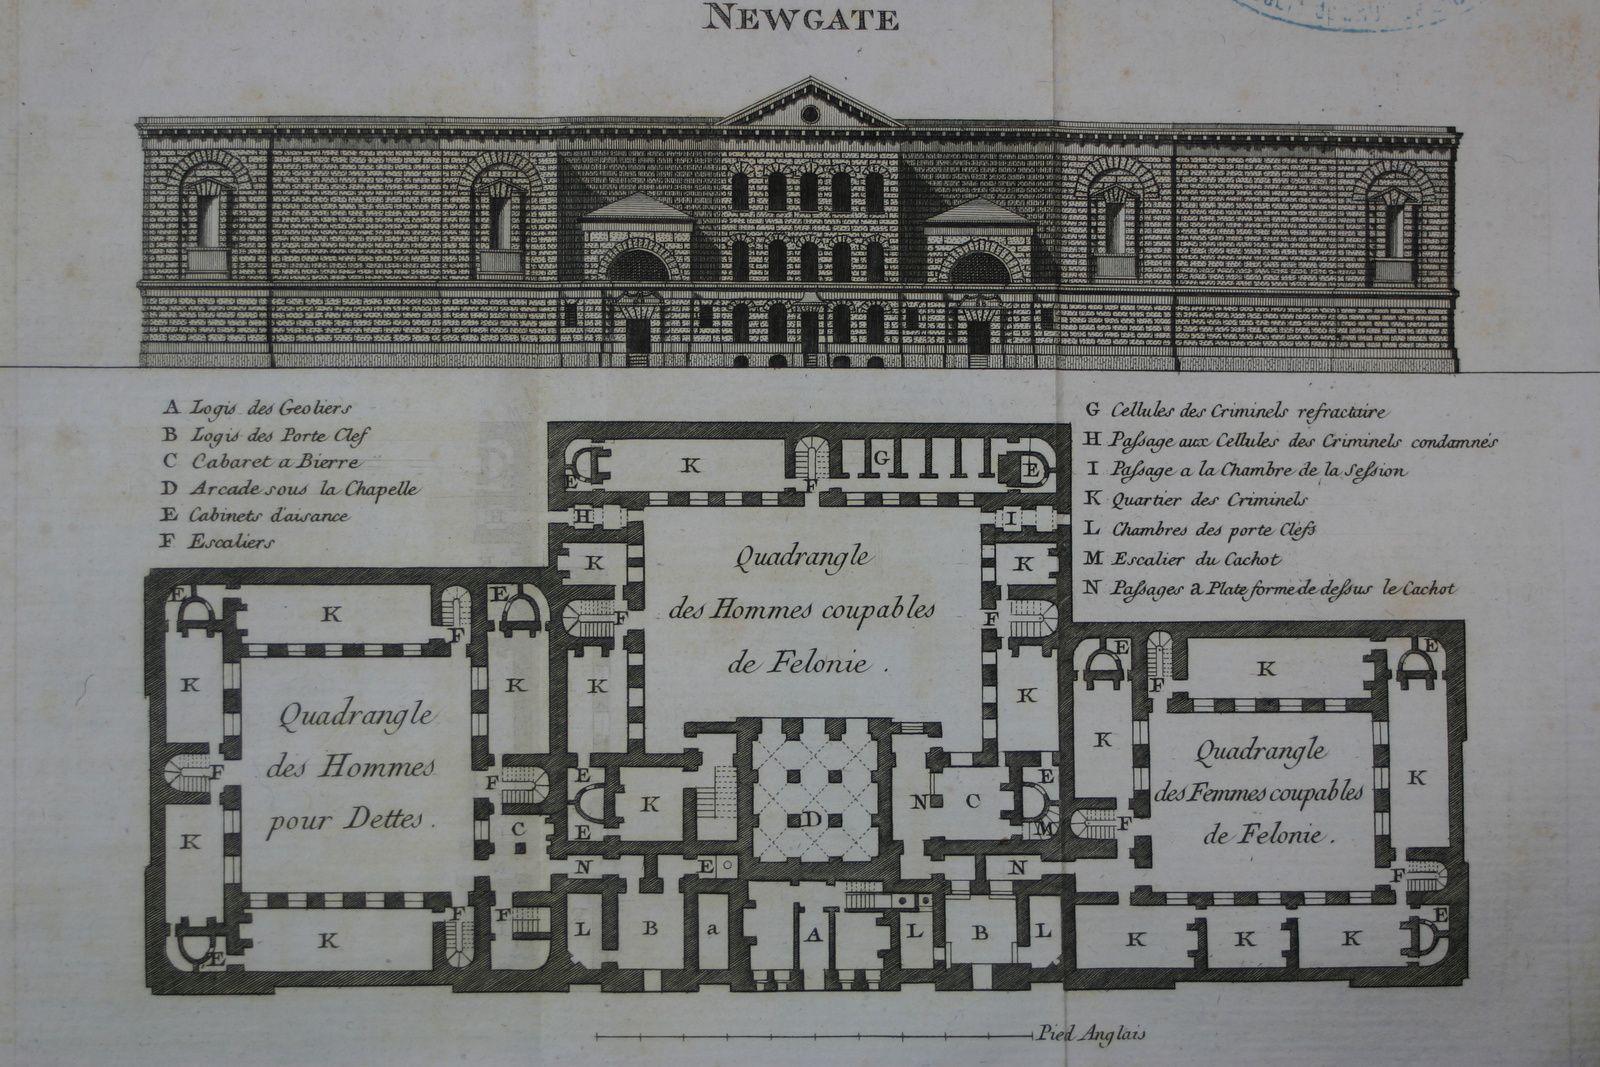 """Prison de Newgate (vol. II, pl. 20). """"Etat des prisons, des hôpitaux et des maisons de force"""". Paris : Maradan, 1791. 2 vol. Cote BIU Lsh : 68763/1 et 68763/2"""